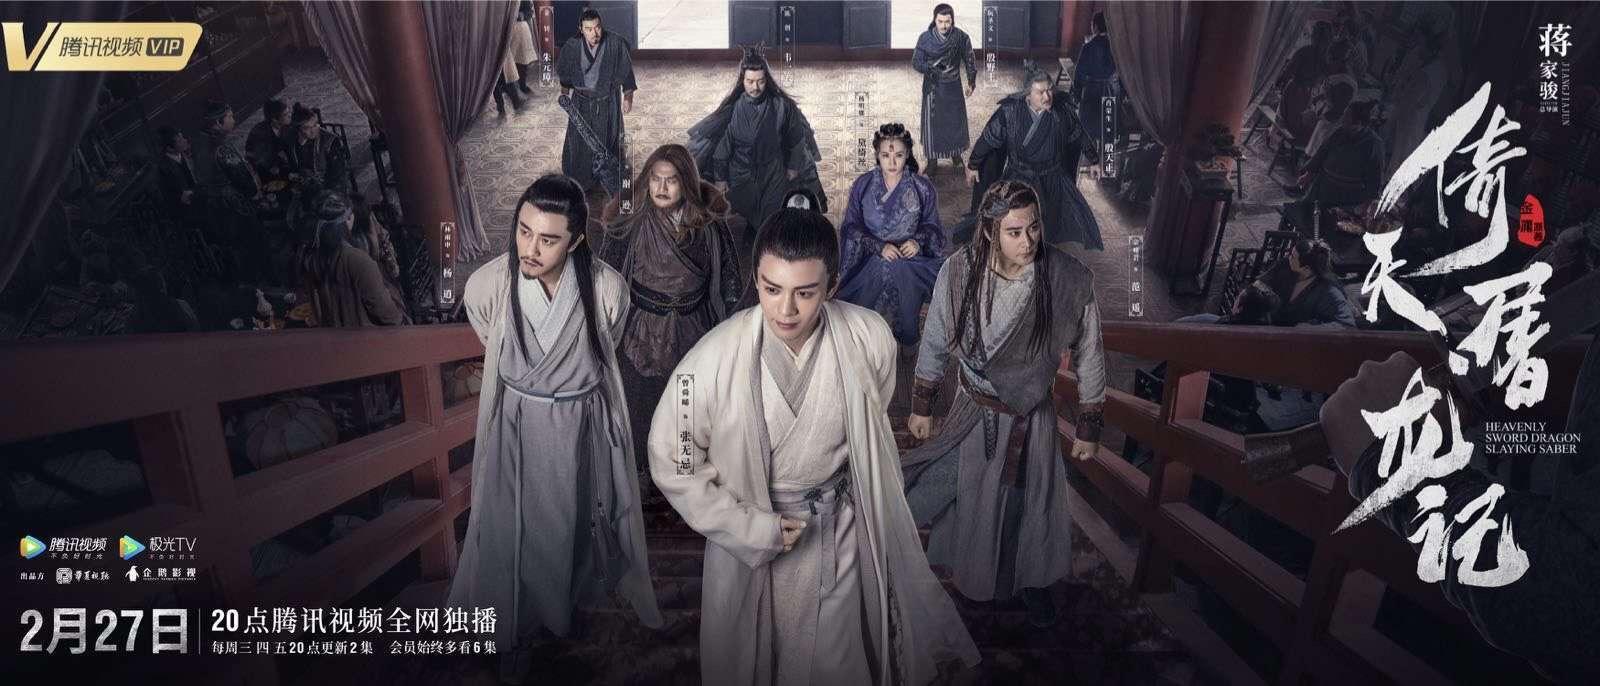 """新《倚天屠龙记》要播了,金庸剧熟脸""""穿越"""""""